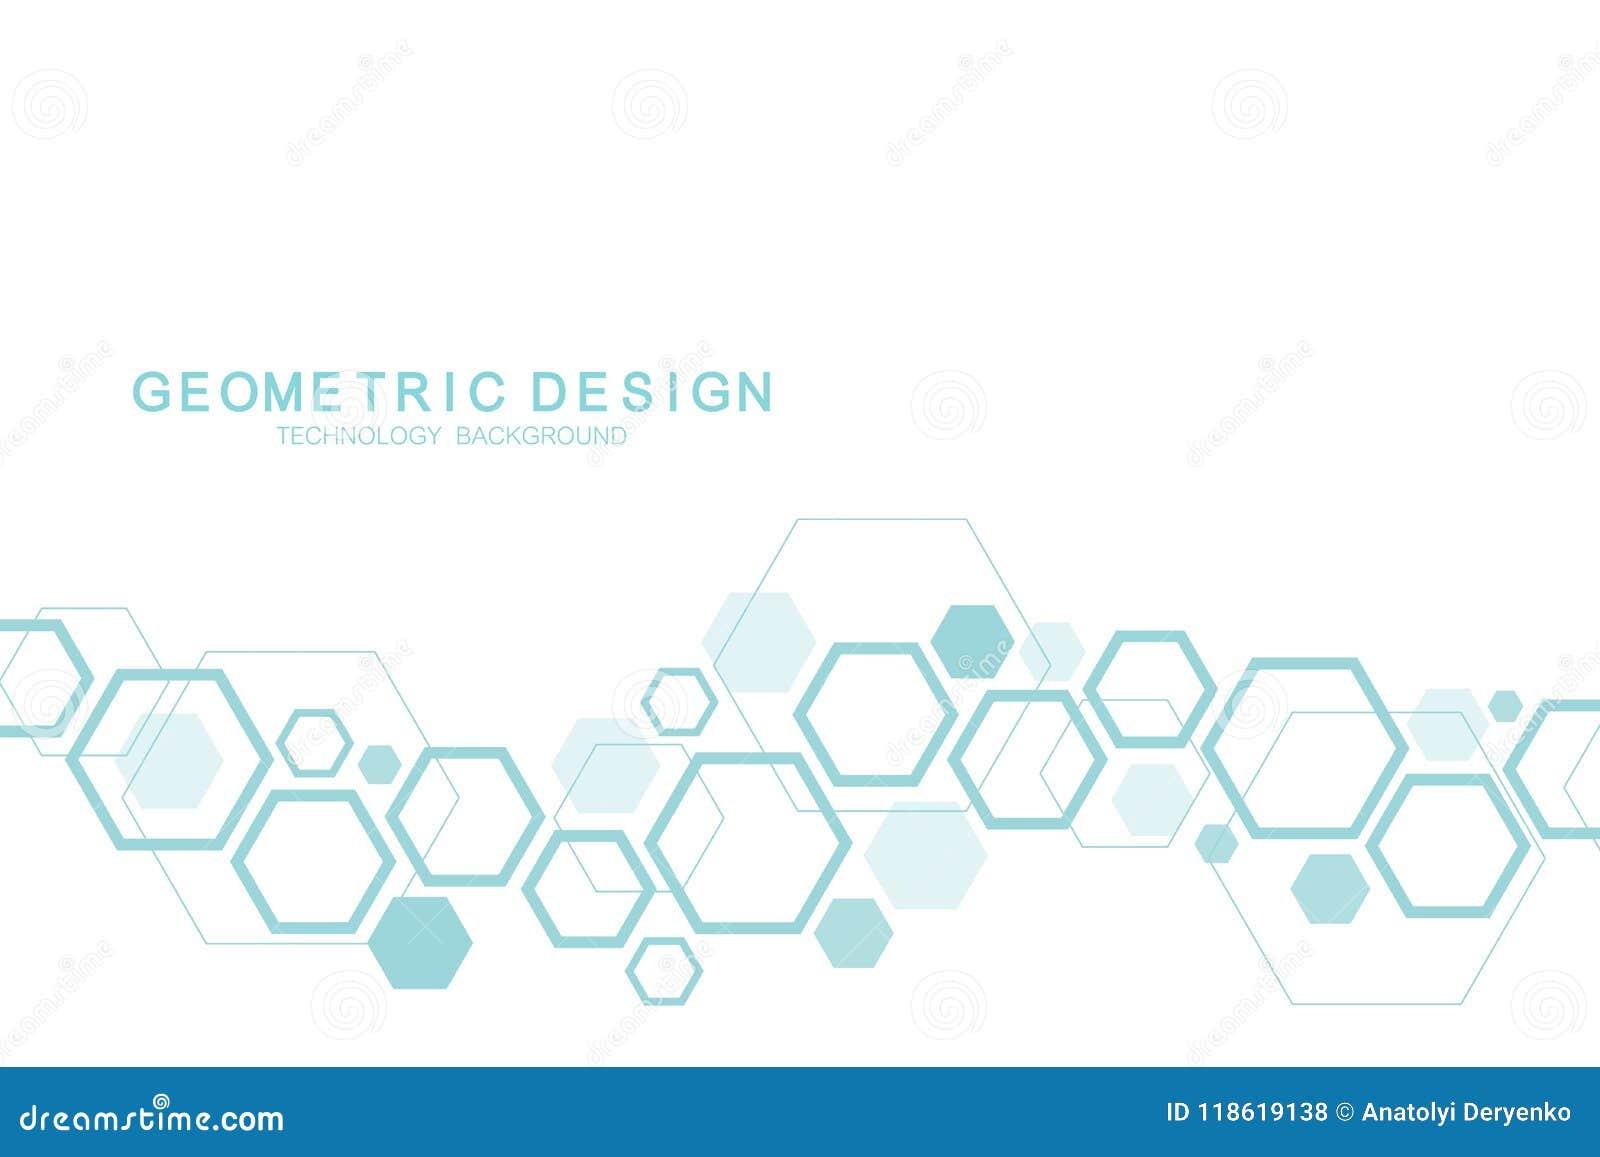 Επιστημονικό υπόβαθρο μορίων για την ιατρική, επιστήμη, τεχνολογία, χημεία Ταπετσαρία ή έμβλημα με τα μόρια ενός DNA